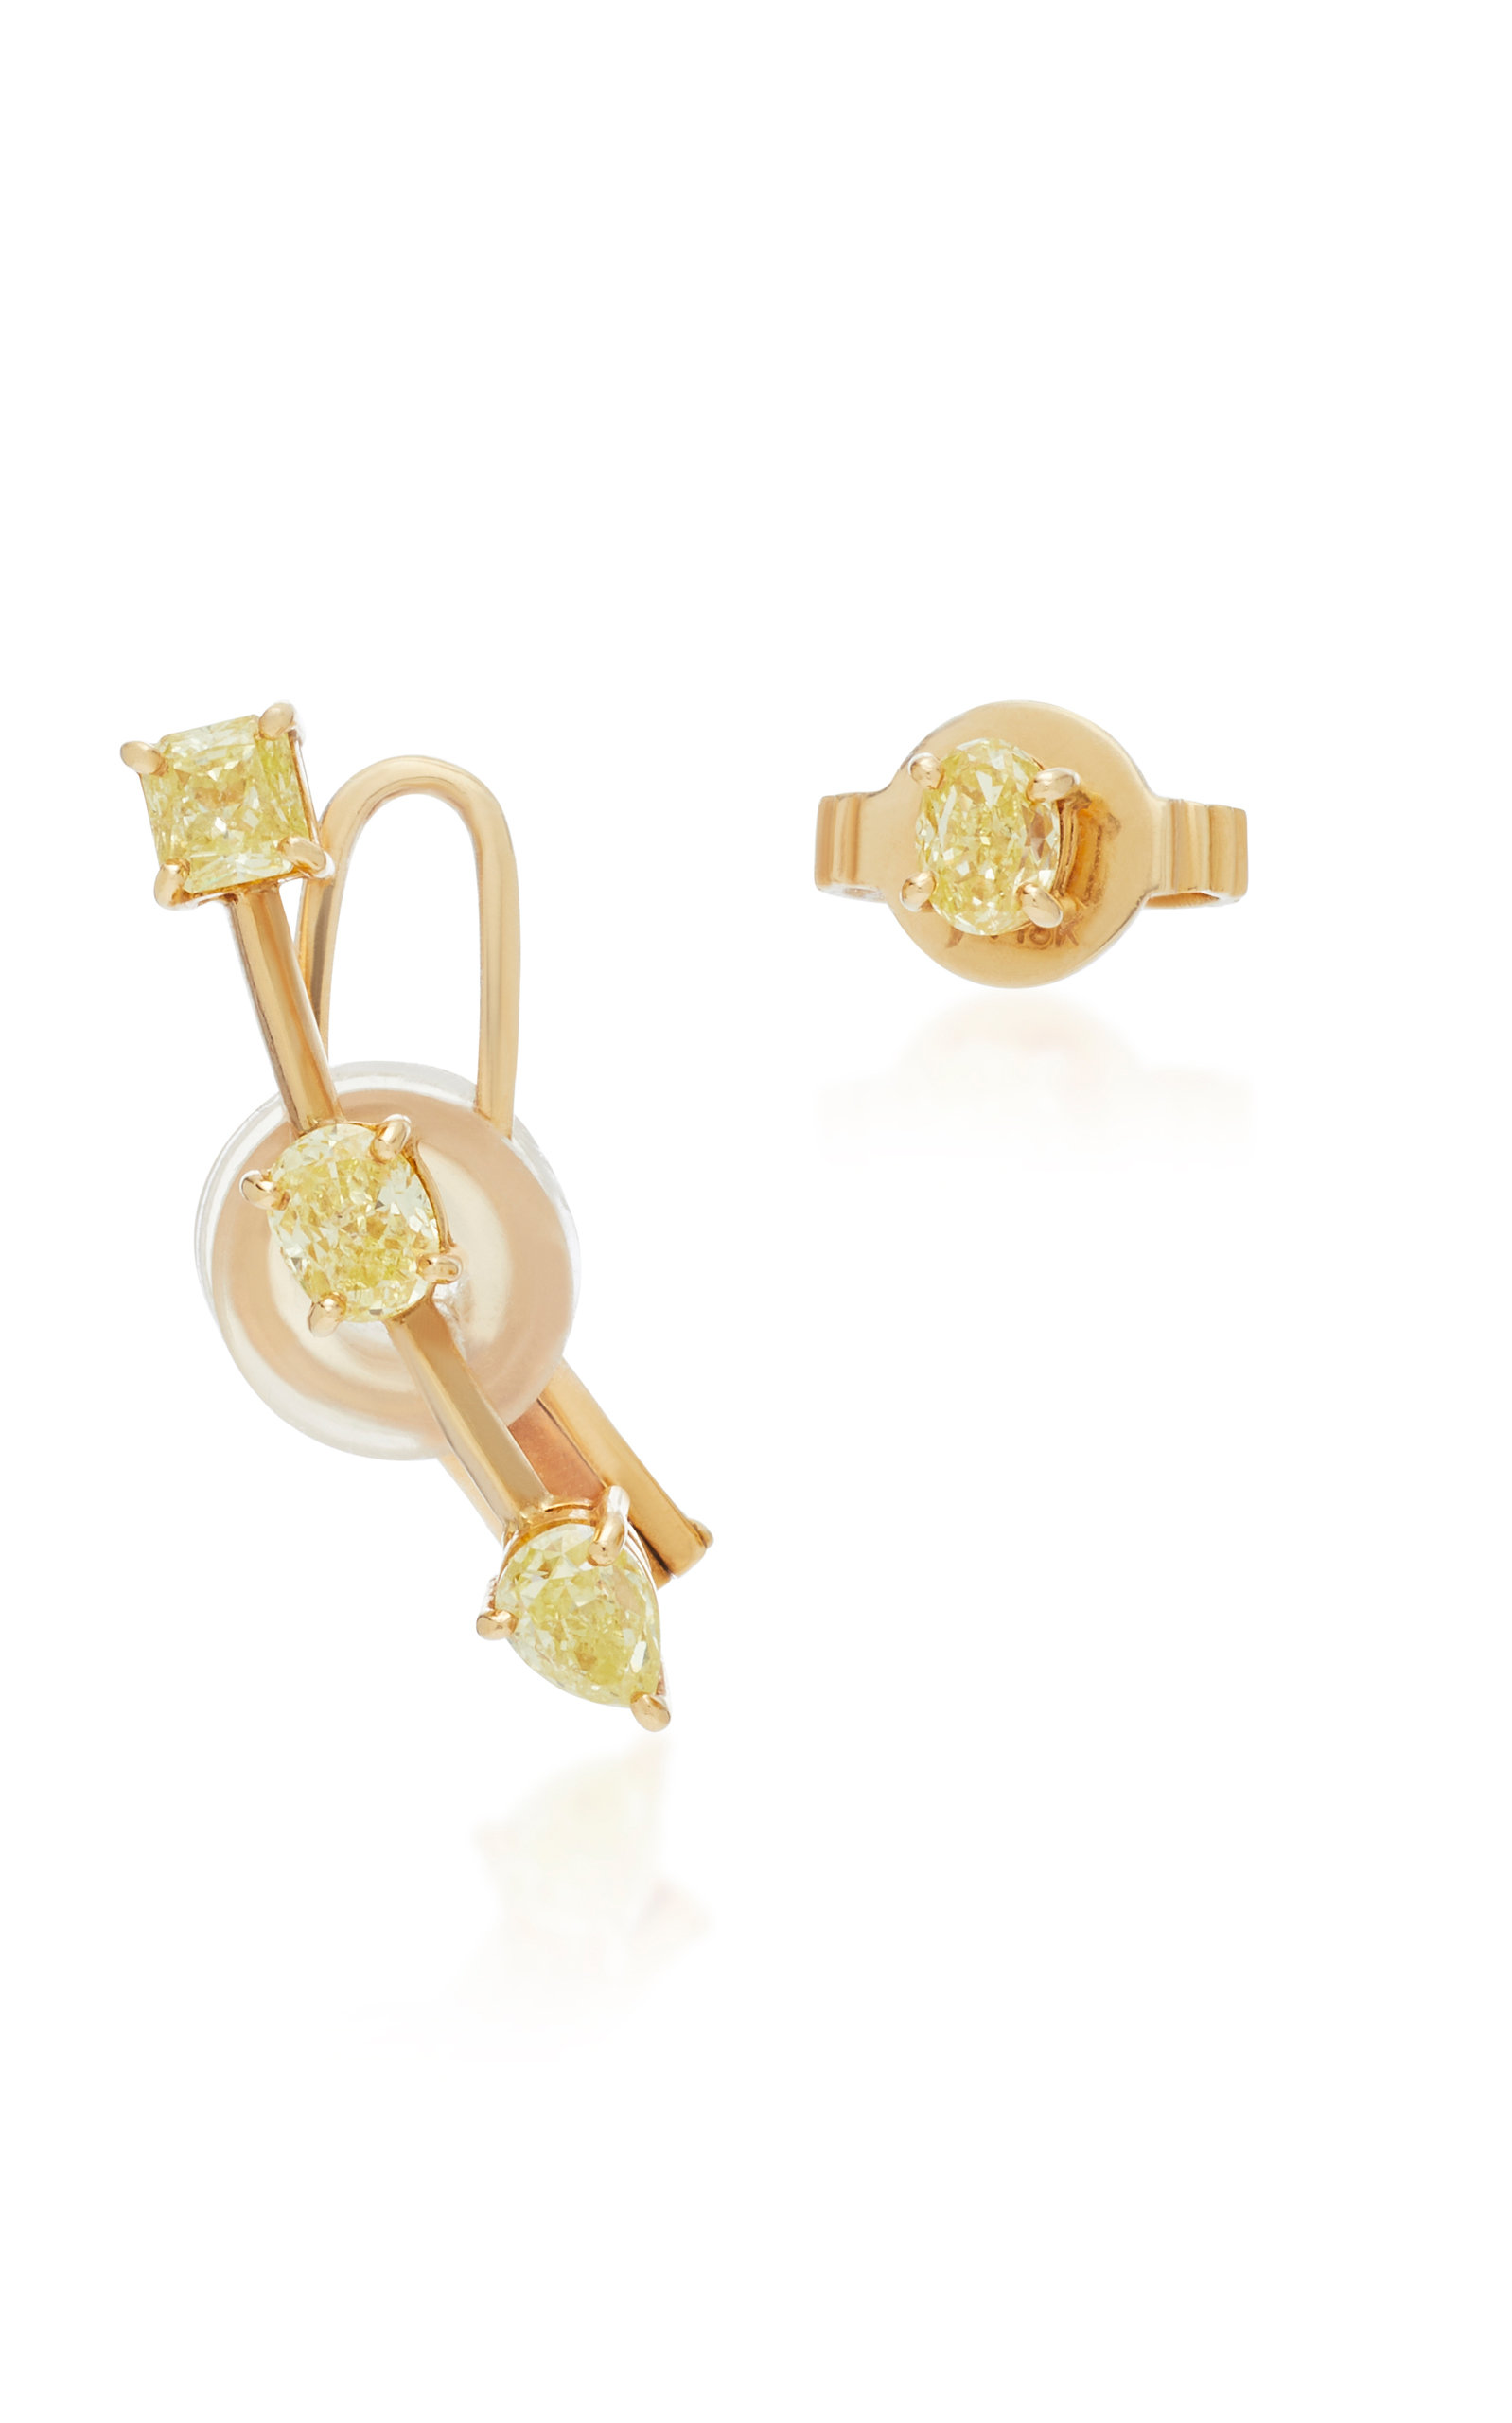 JACK VARTANIAN 18K Gold Diamond Earrings in Yellow